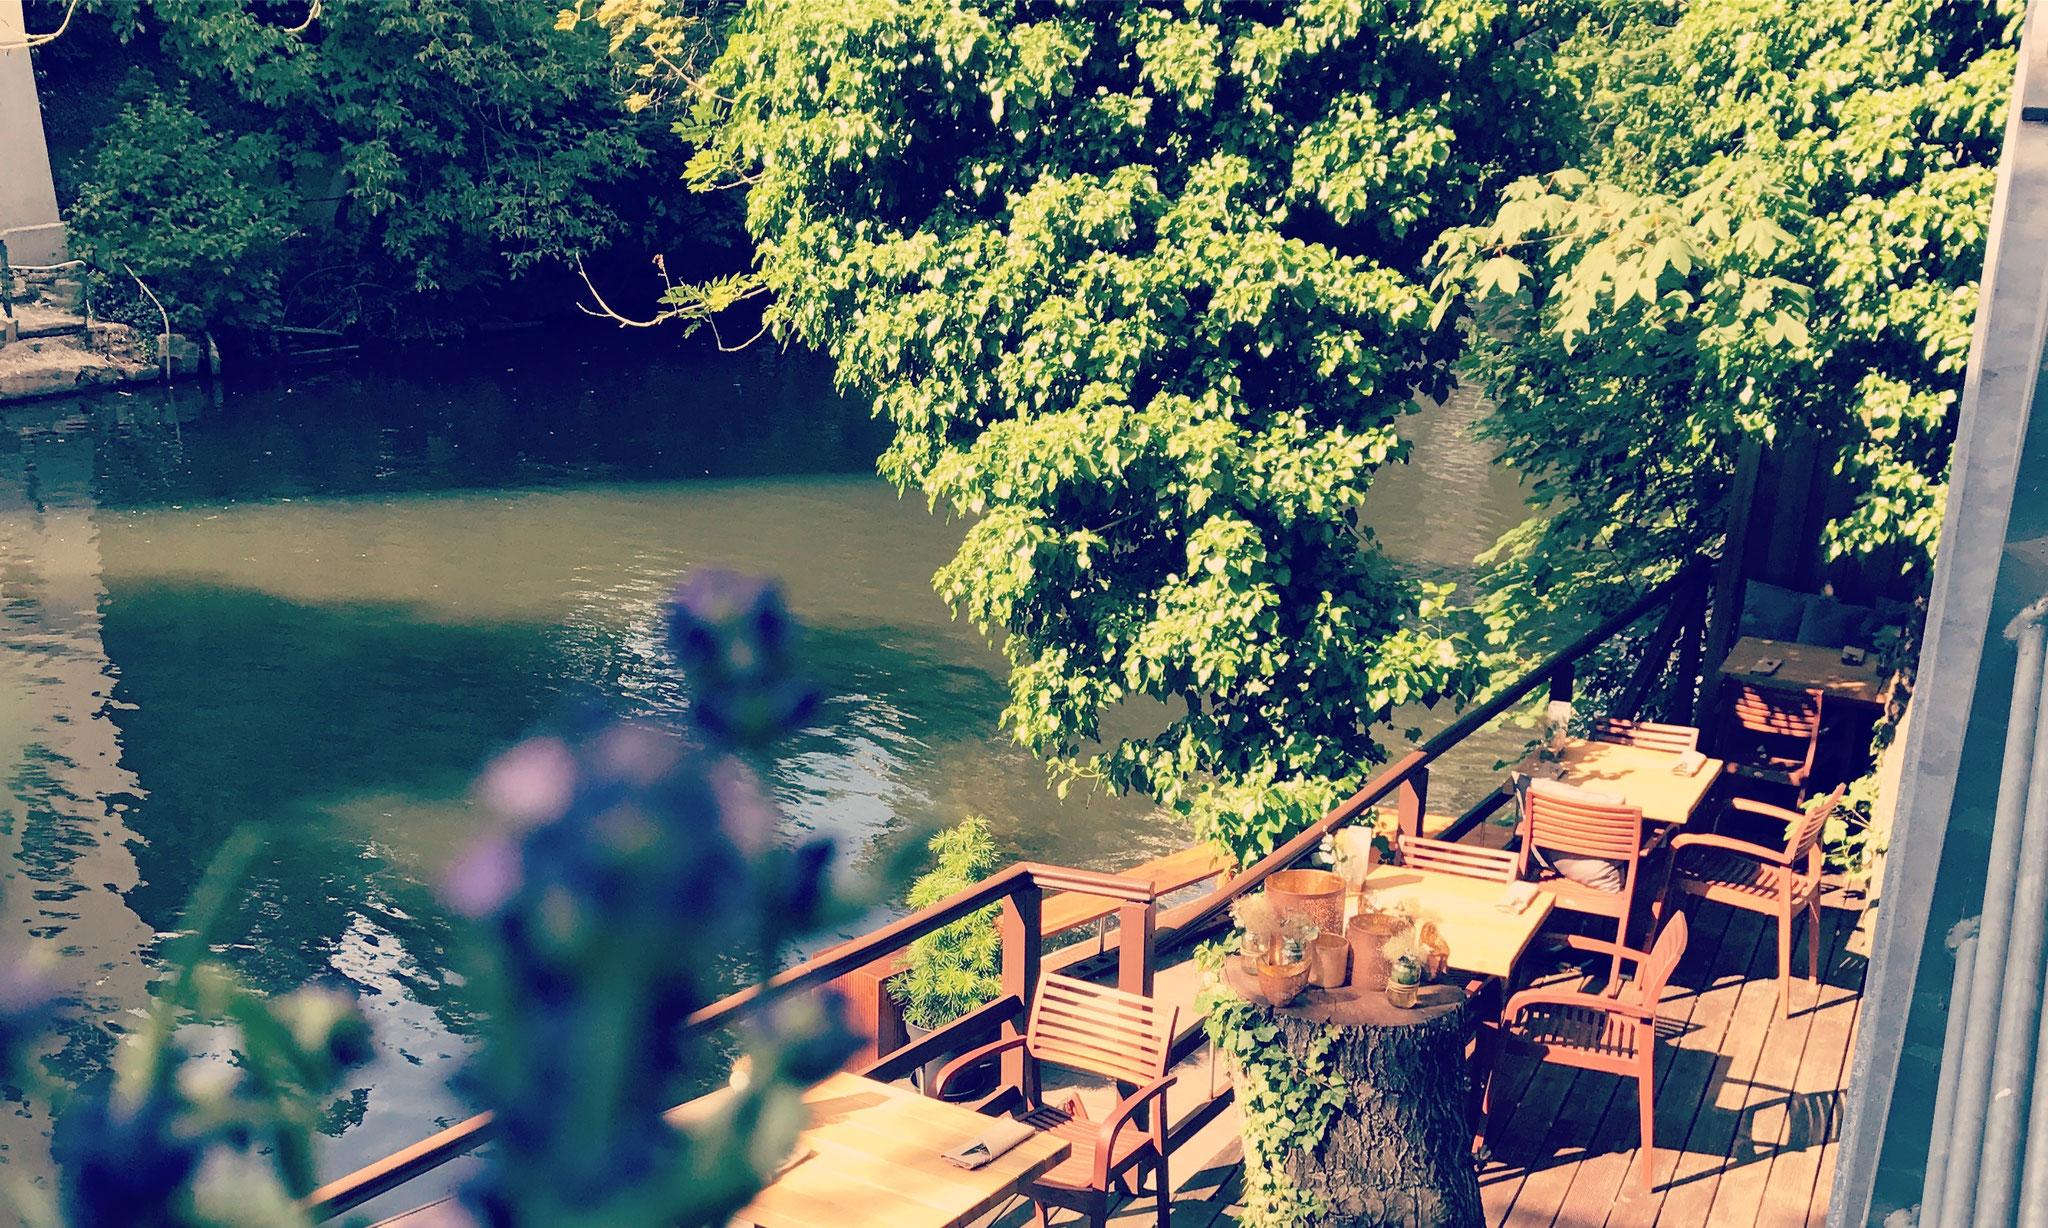 Bei entspannter Atmosphäre auf unserer Okerterrasse können Sie die lauen Sommernächte richtig genießen.